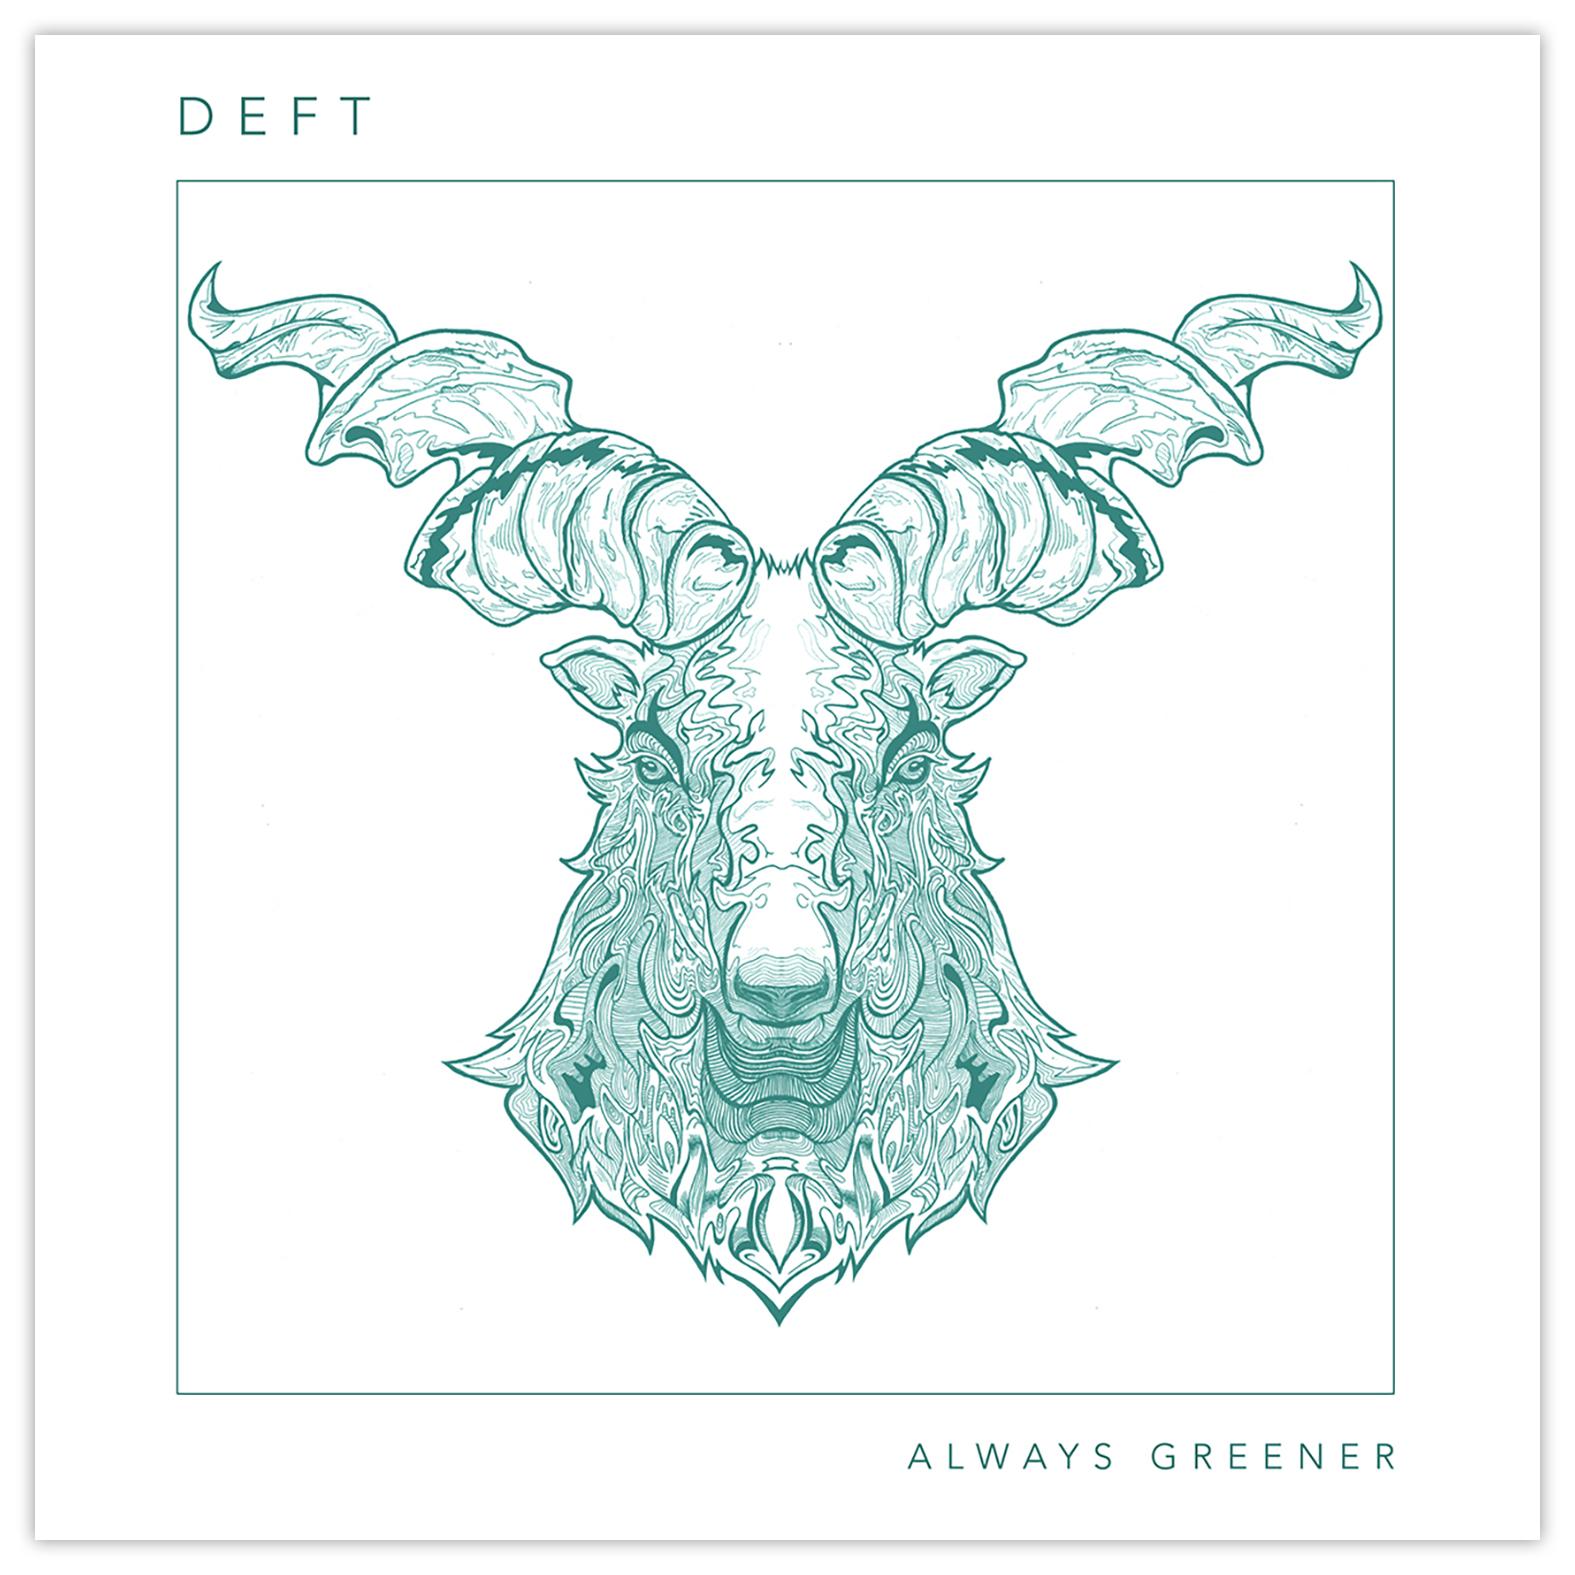 Deft-AlwaysGreener-01.jpg